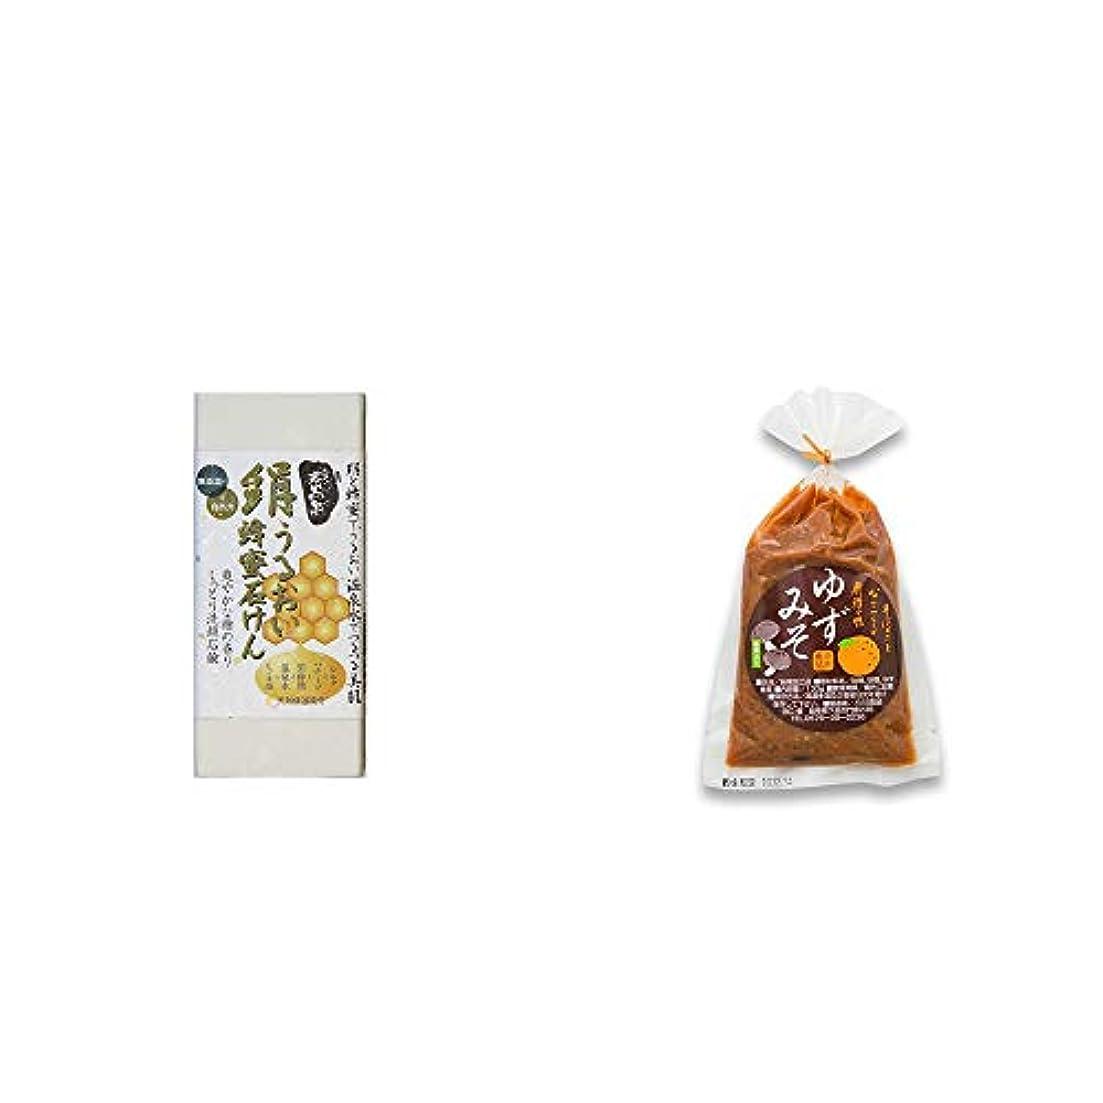 曲フォーマットいたずらな[2点セット] ひのき炭黒泉 絹うるおい蜂蜜石けん(75g×2)?ゆずみそ(130g)